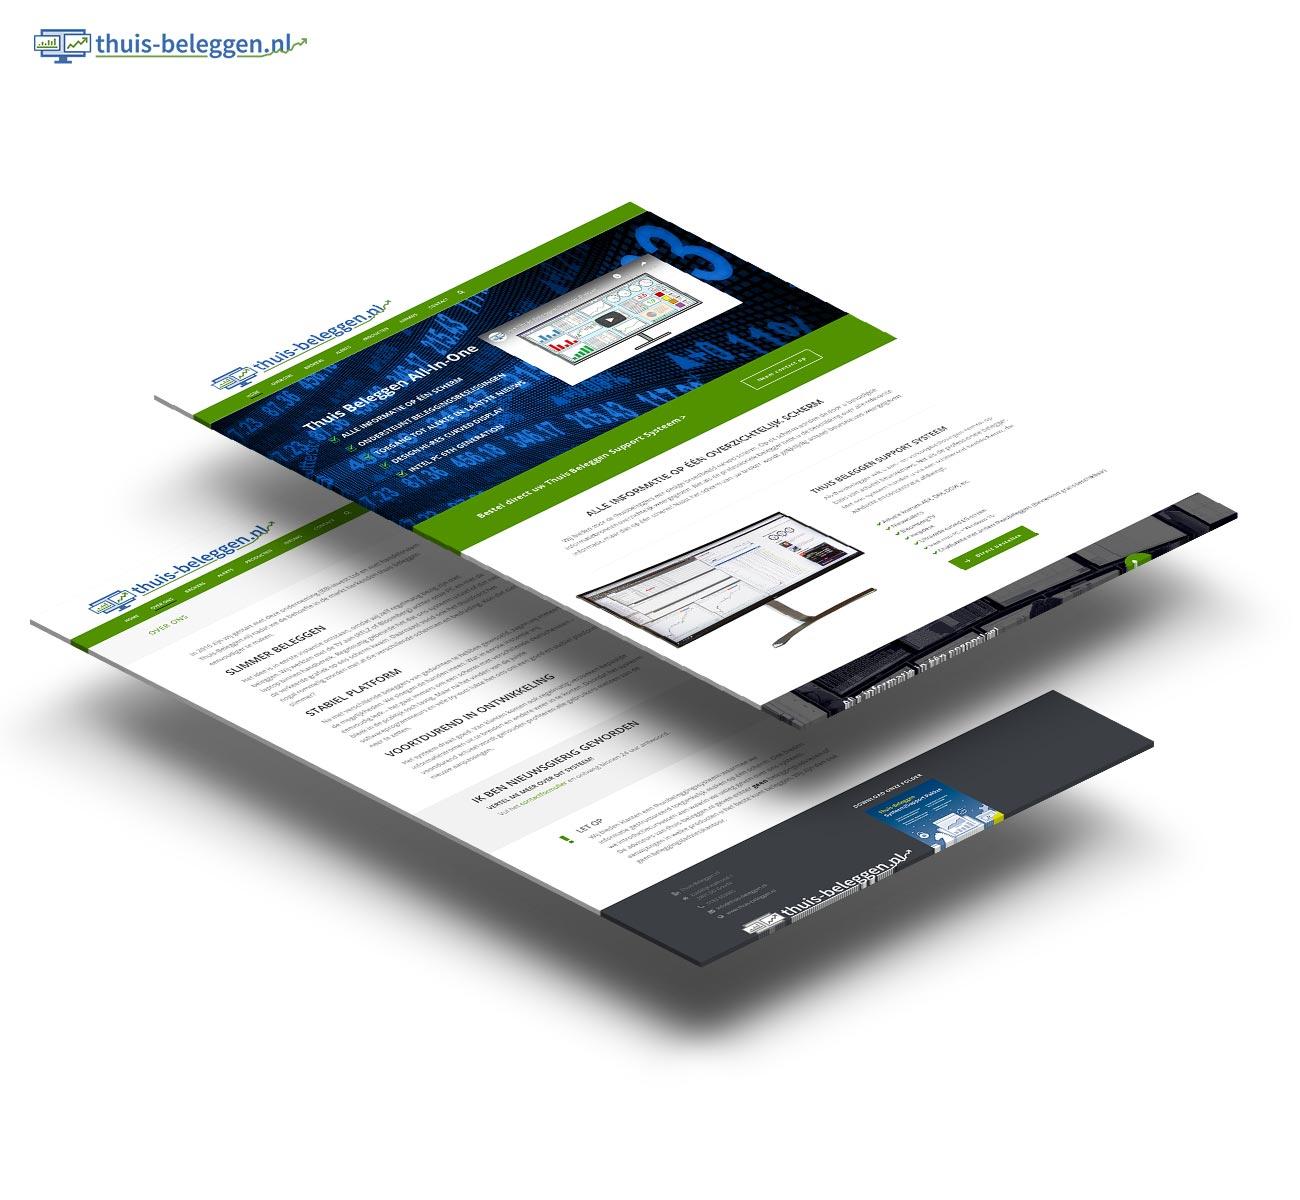 Thuis beleggen website